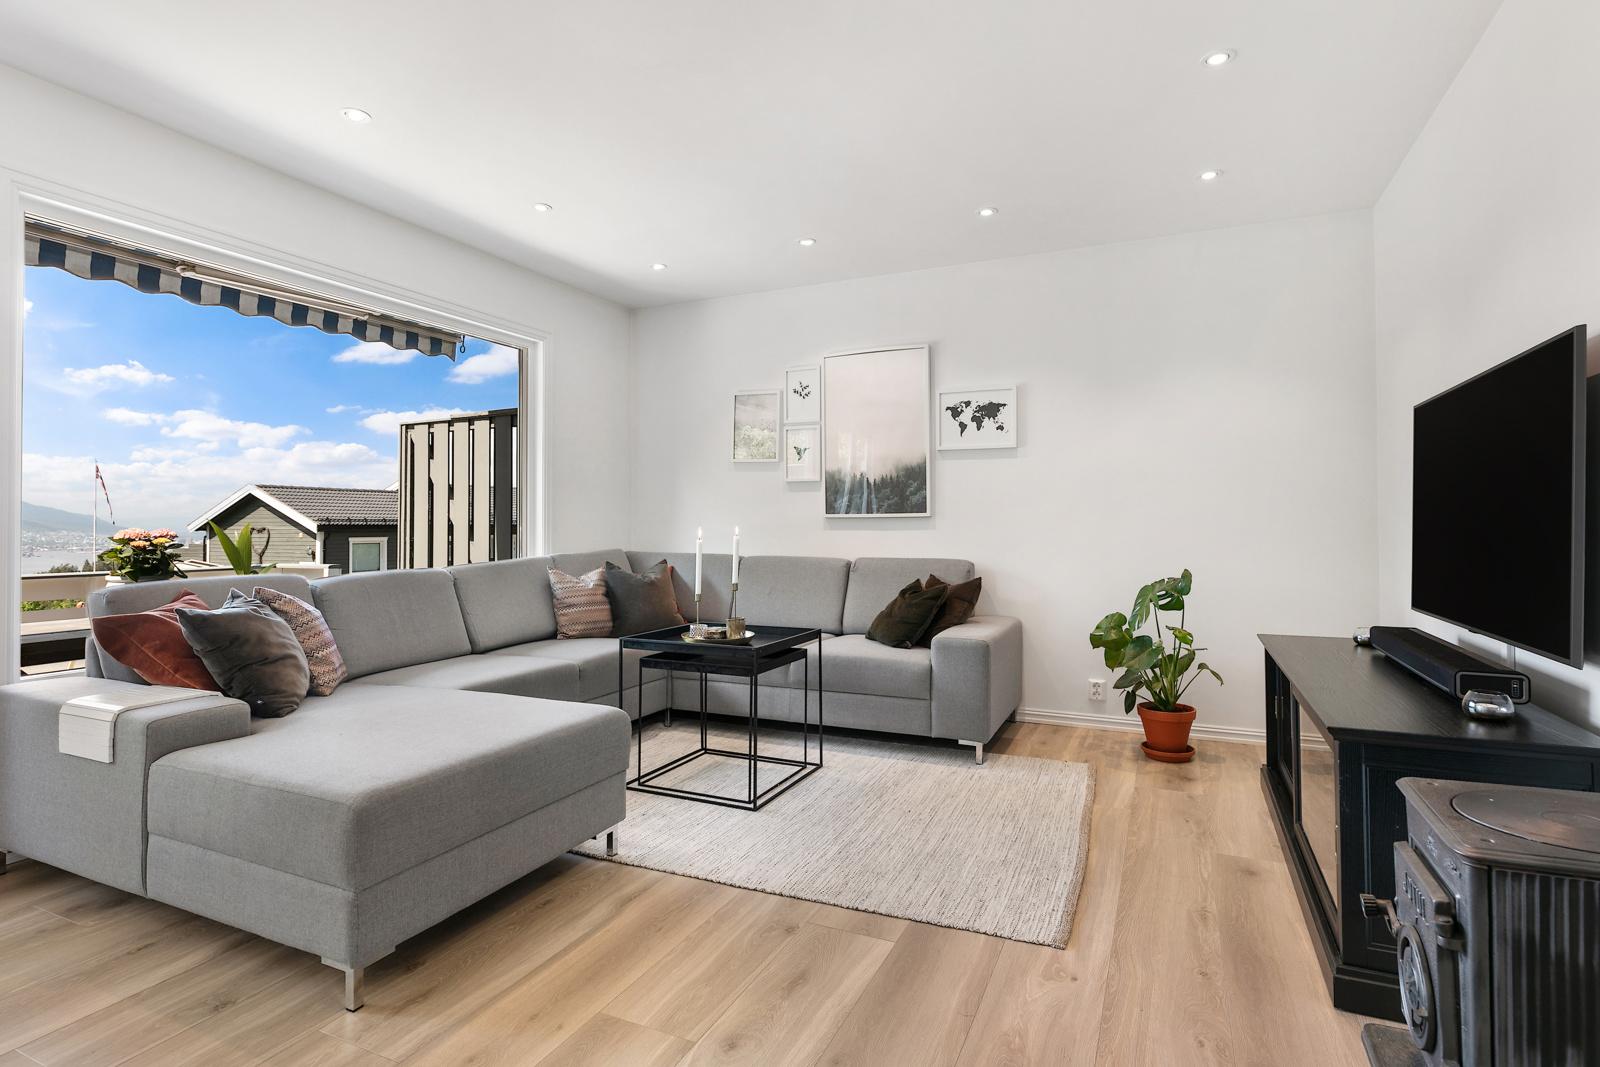 Det er god plass til stor sofa i stuen